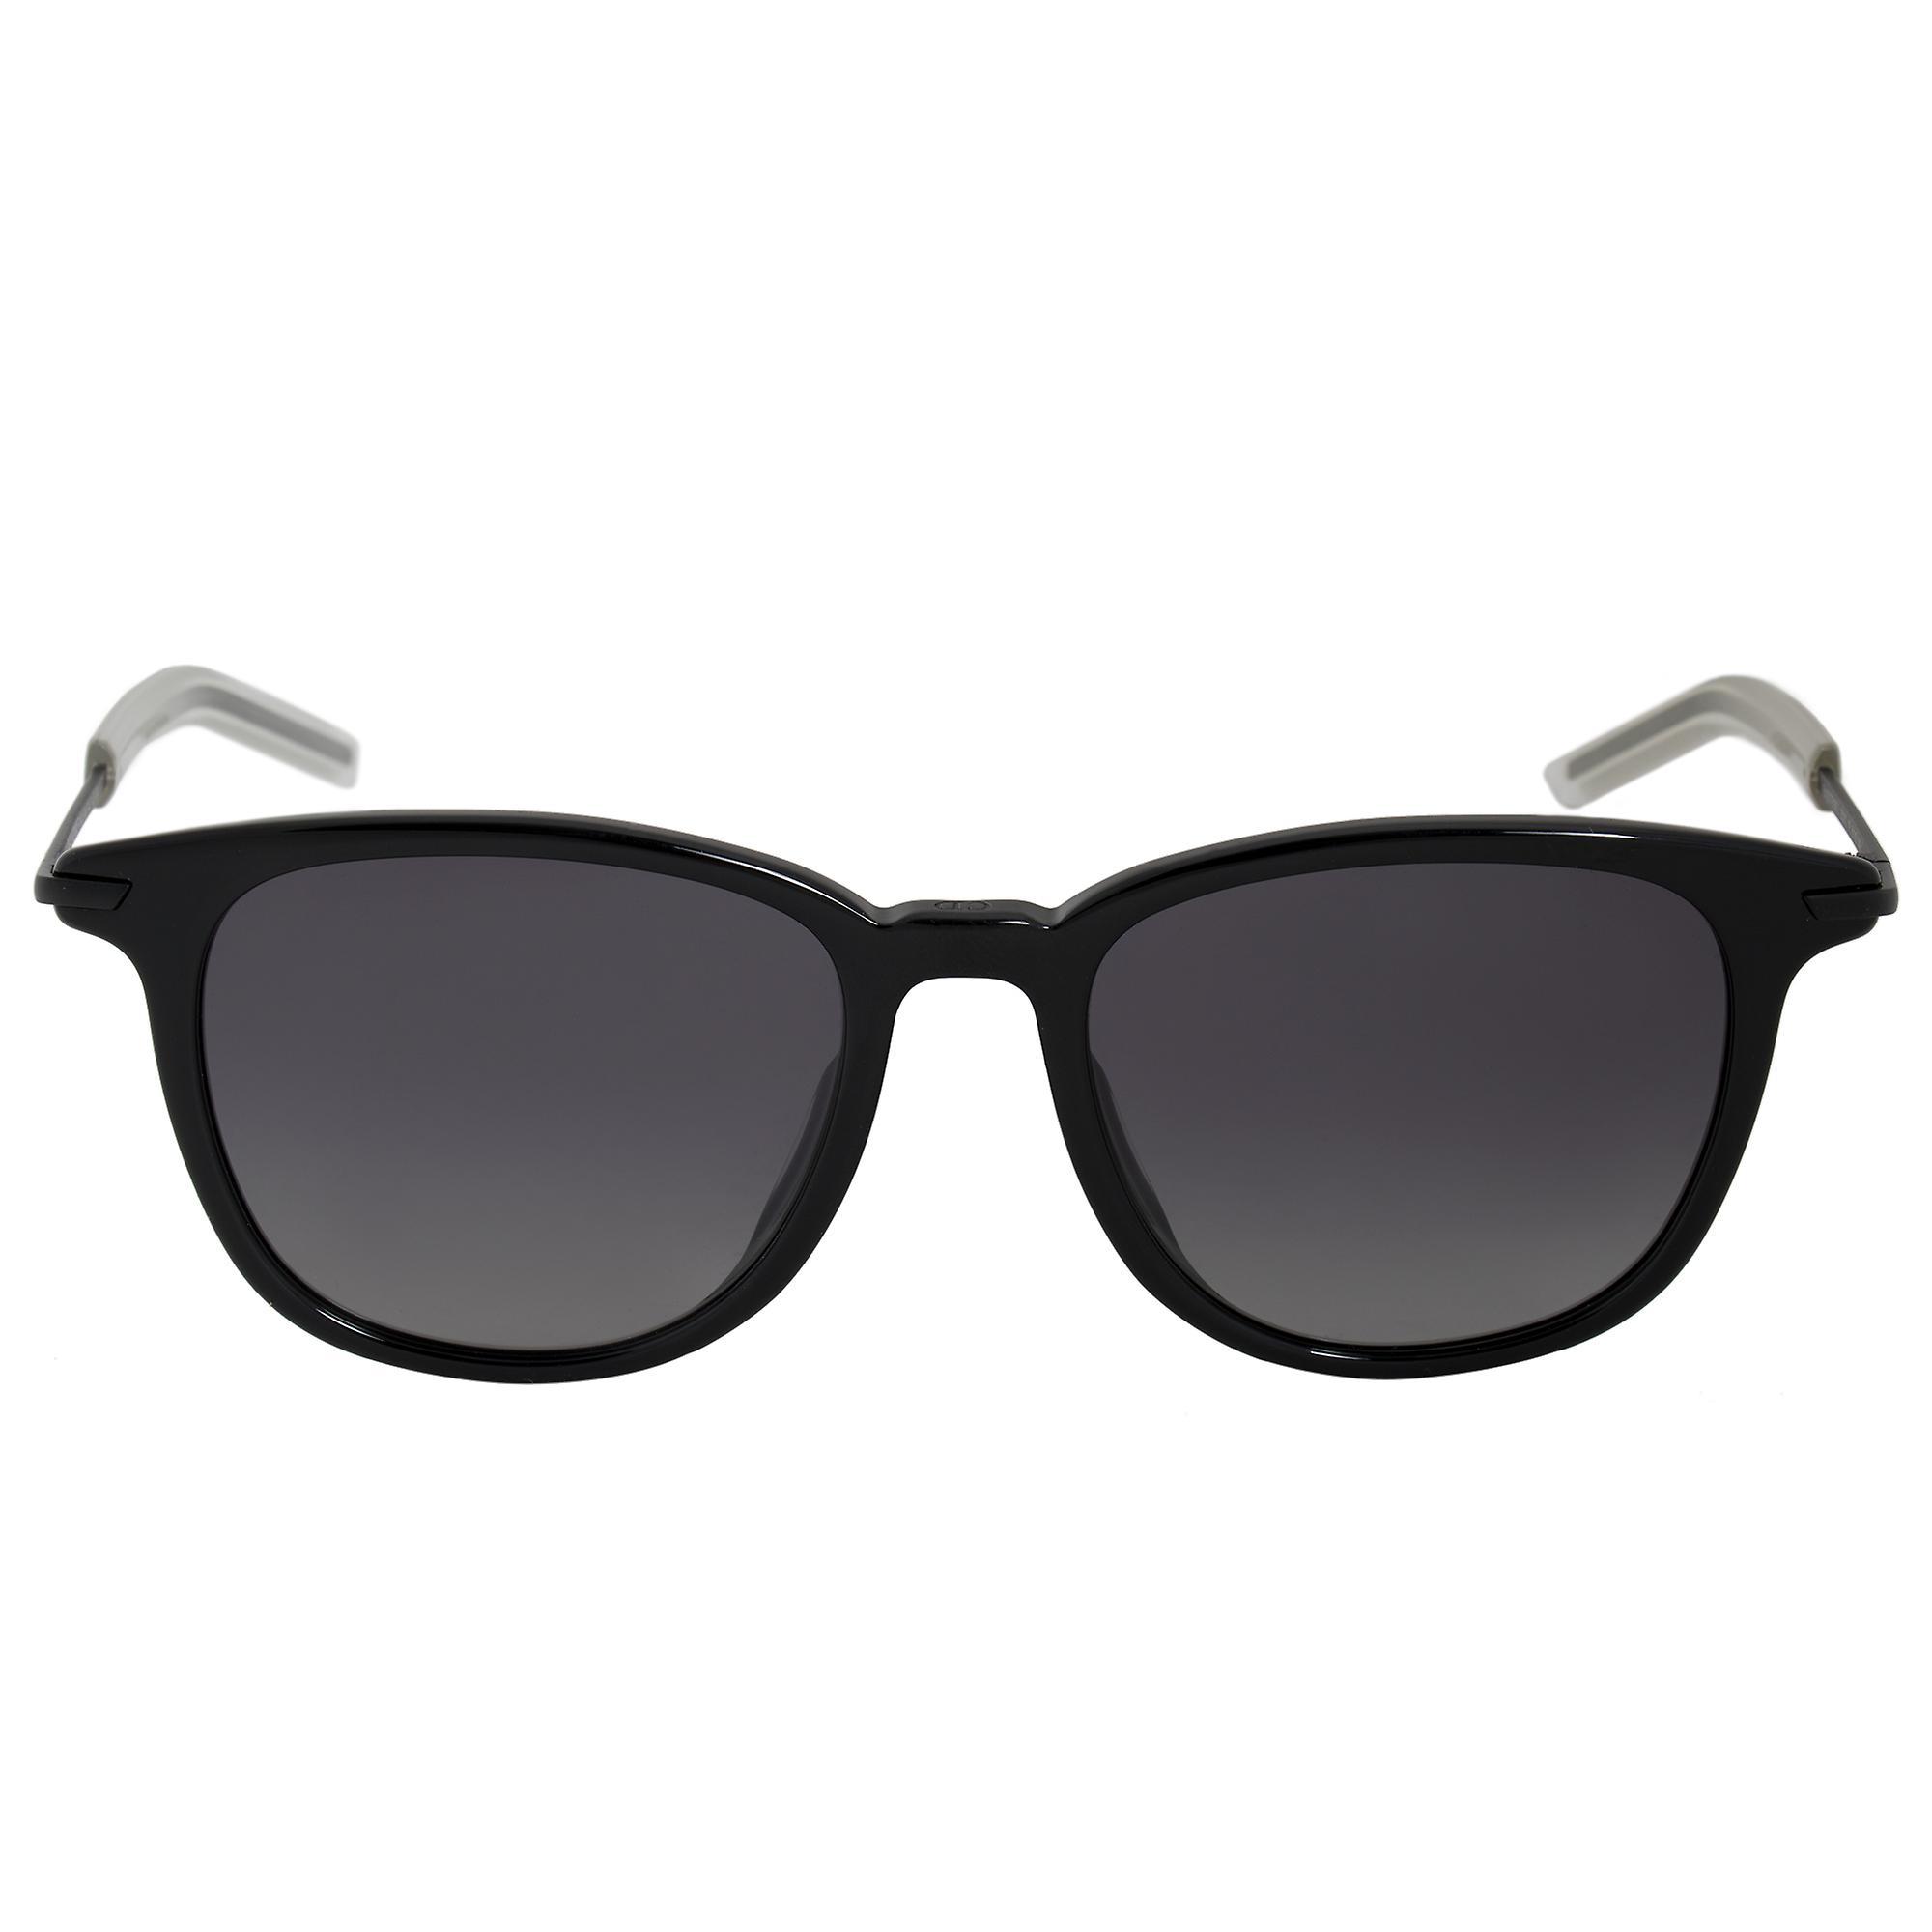 Christian Dior noir Tie 263WJ Sunglasses 51